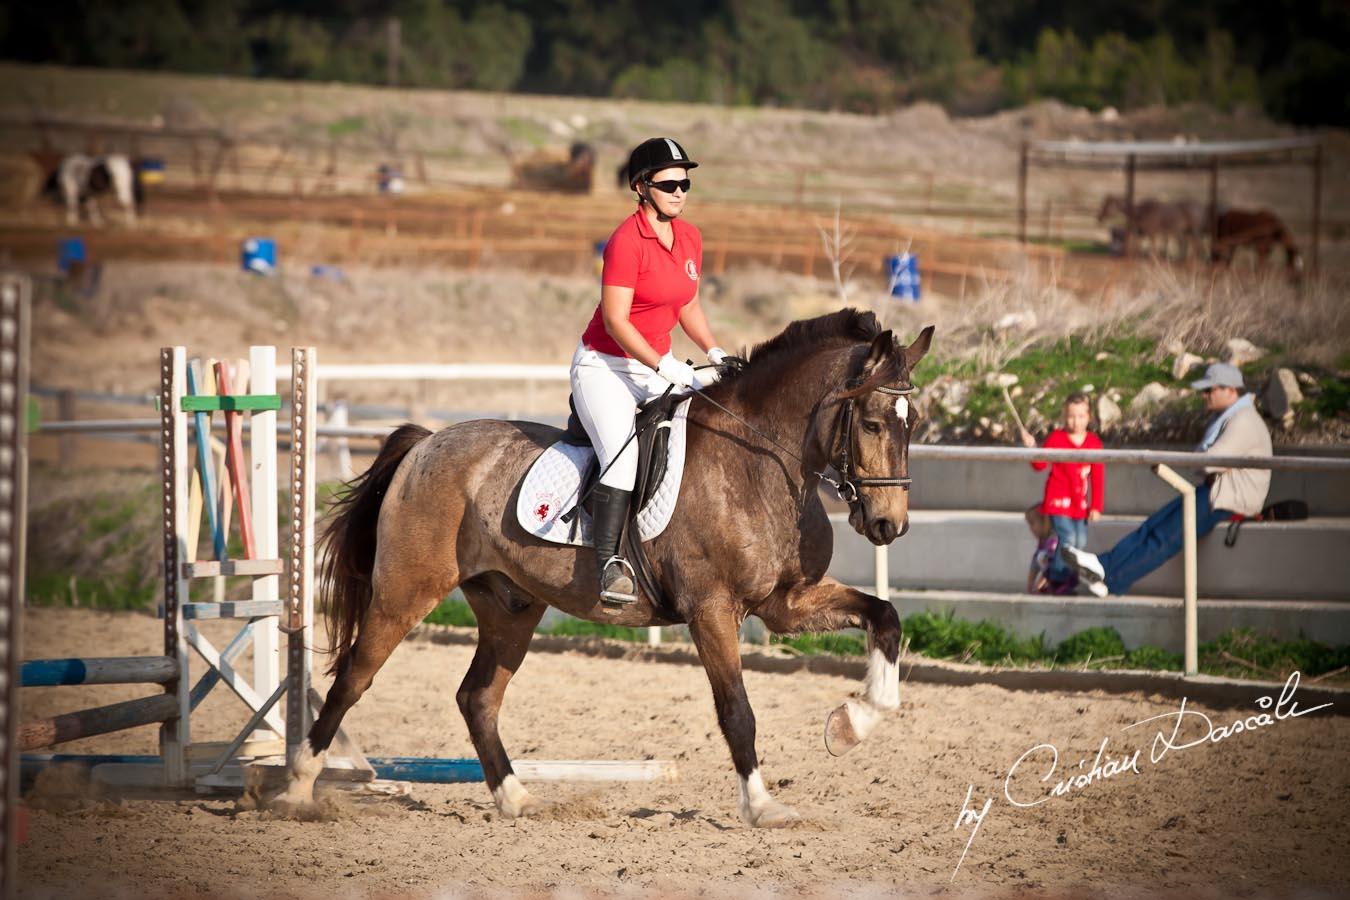 Curium Equestrian Centre - Horse Riding Competition. Photographer: Cristian Dascalu